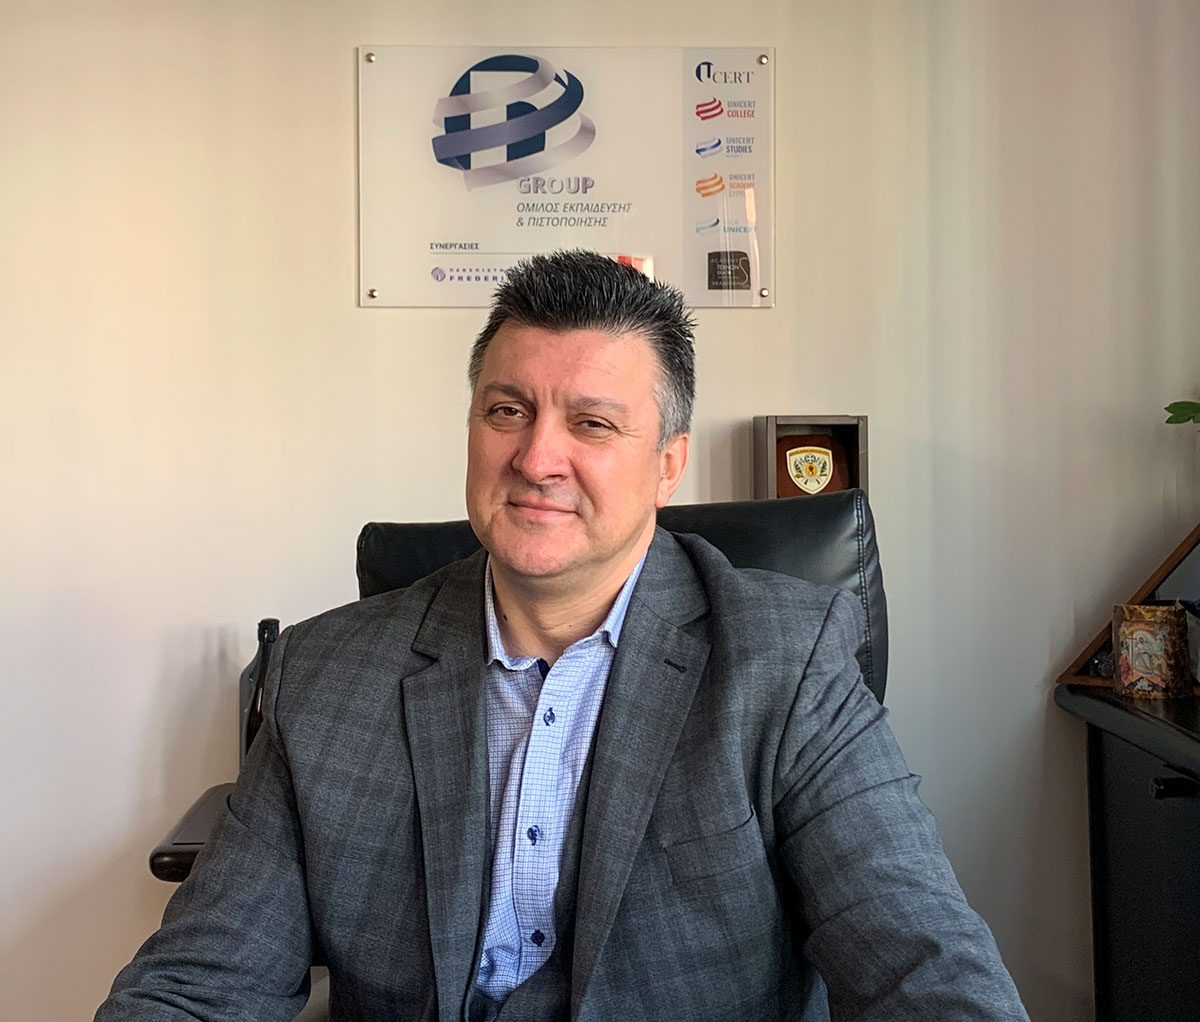 UCERT | D GROUP - Δρ Δημήτριος Δερπάνης